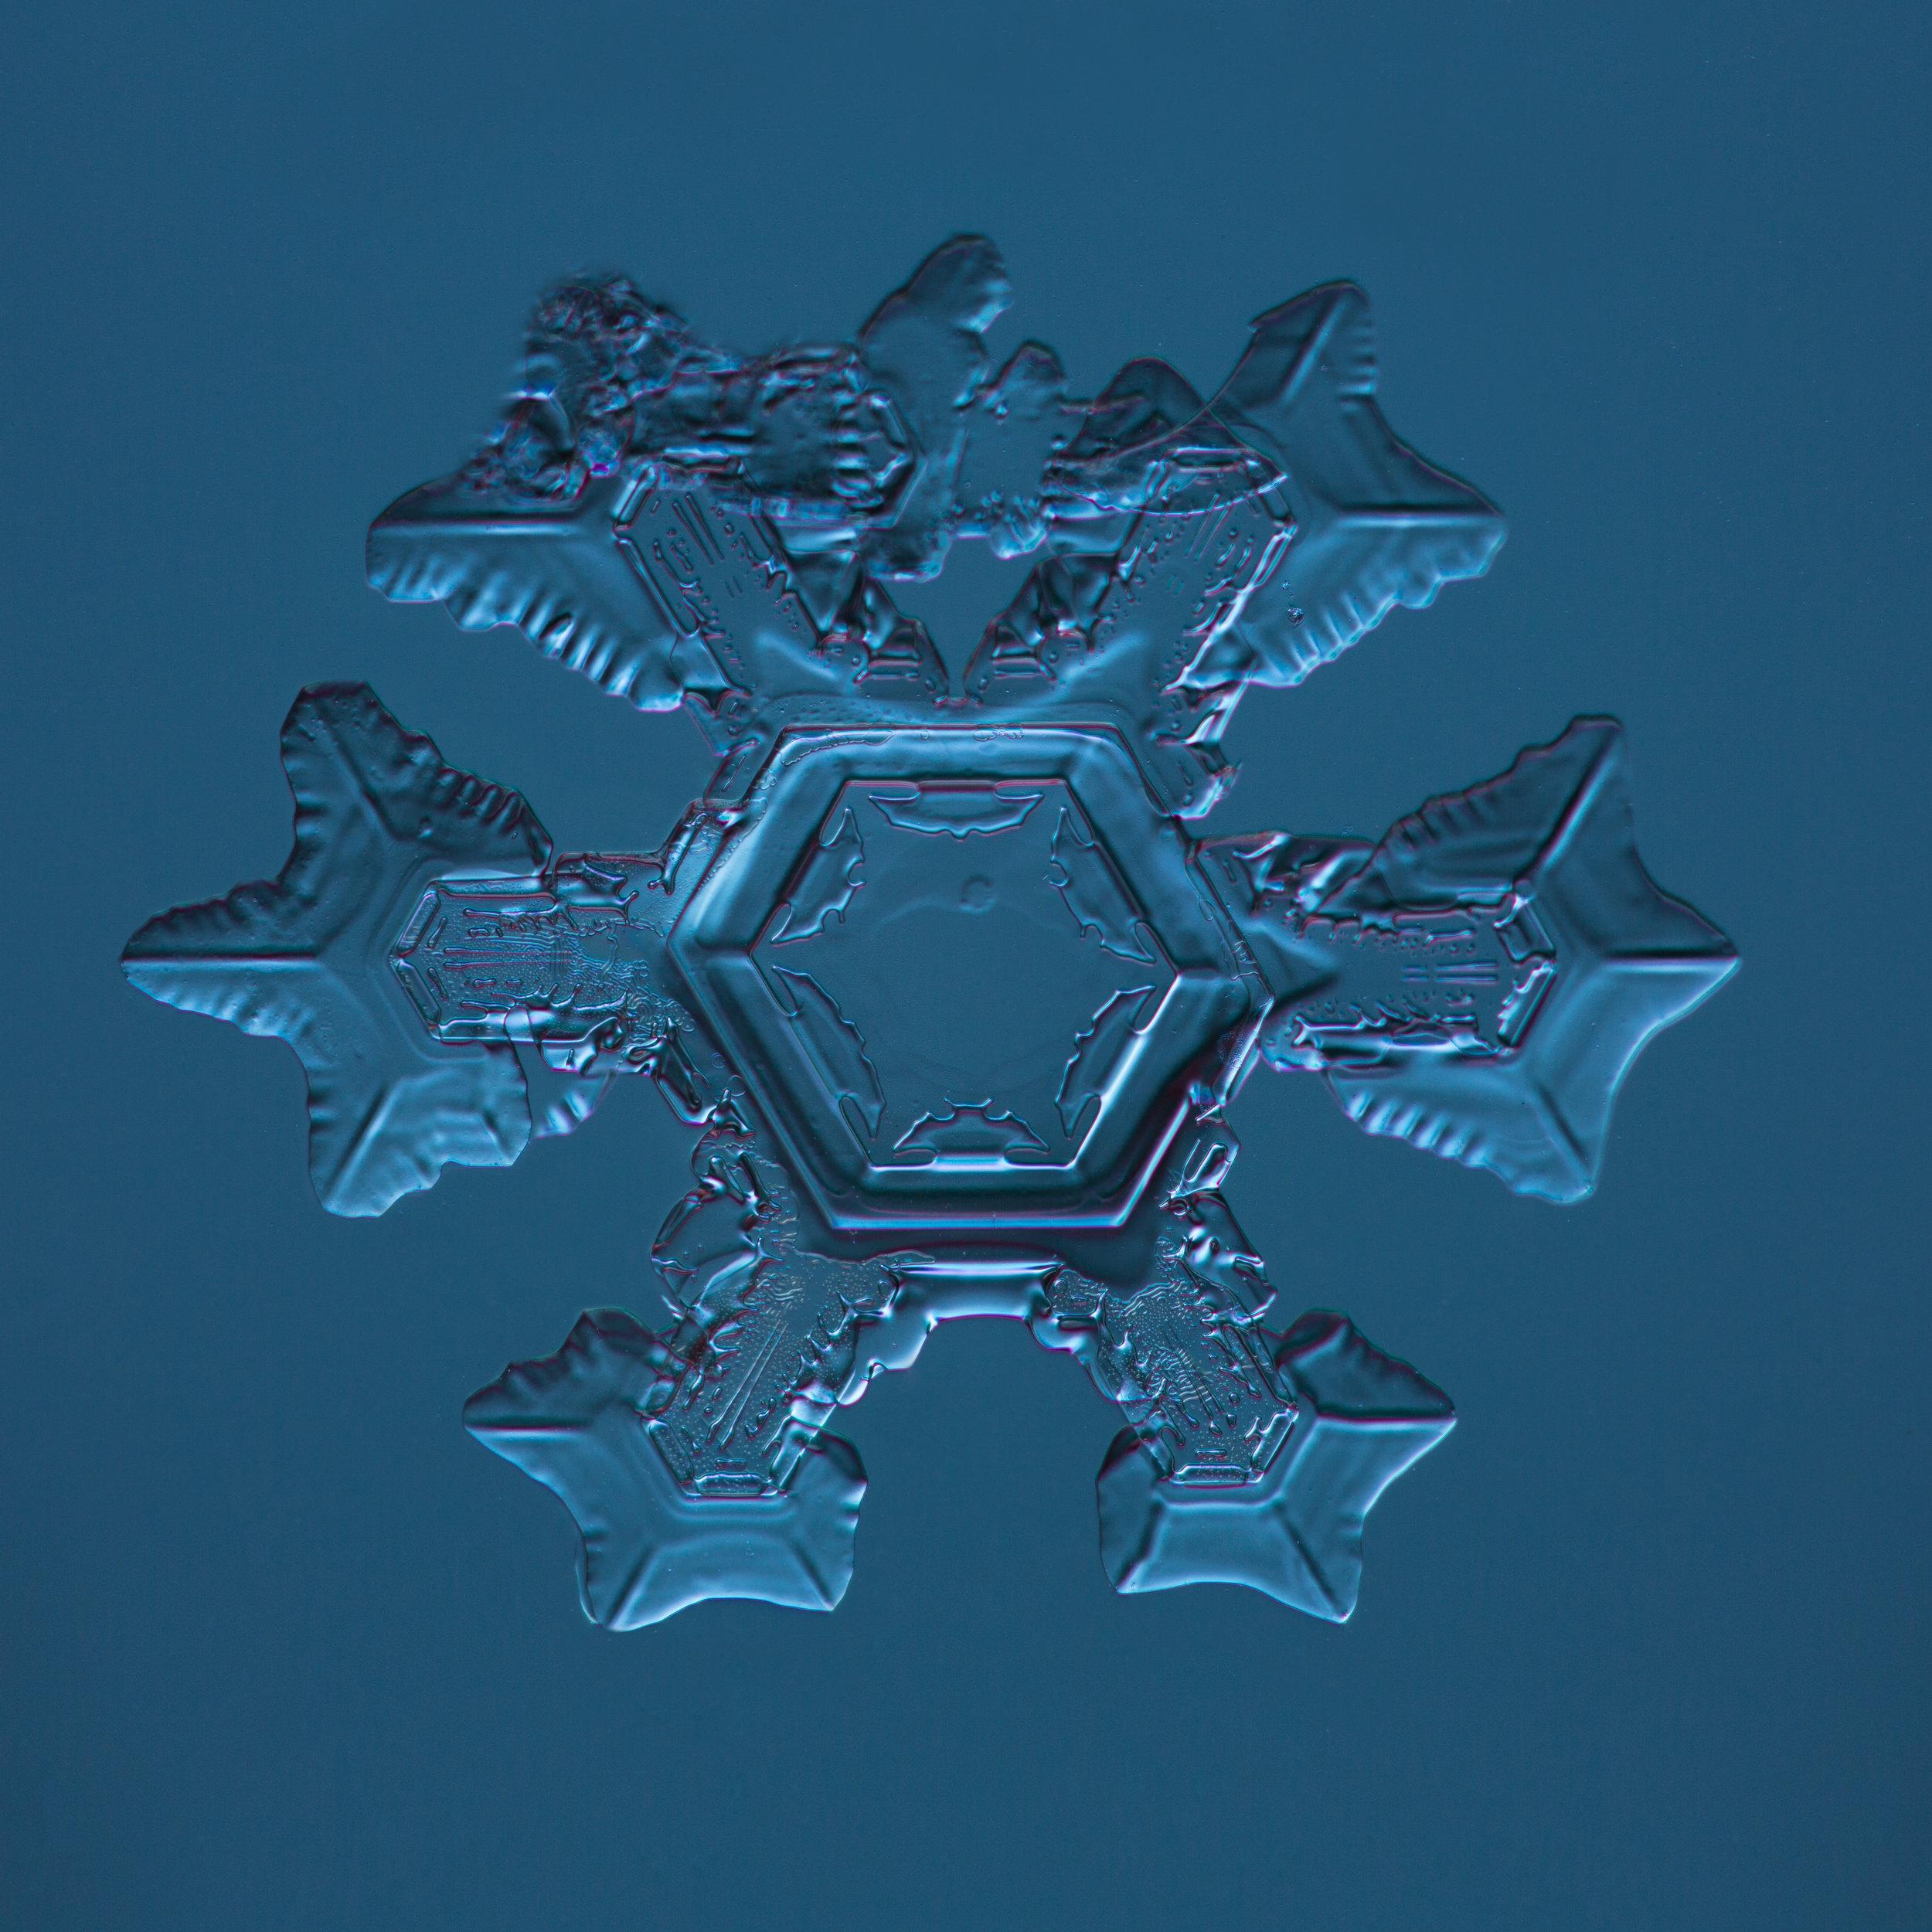 Snowflake 2015.02.04.005.JPG